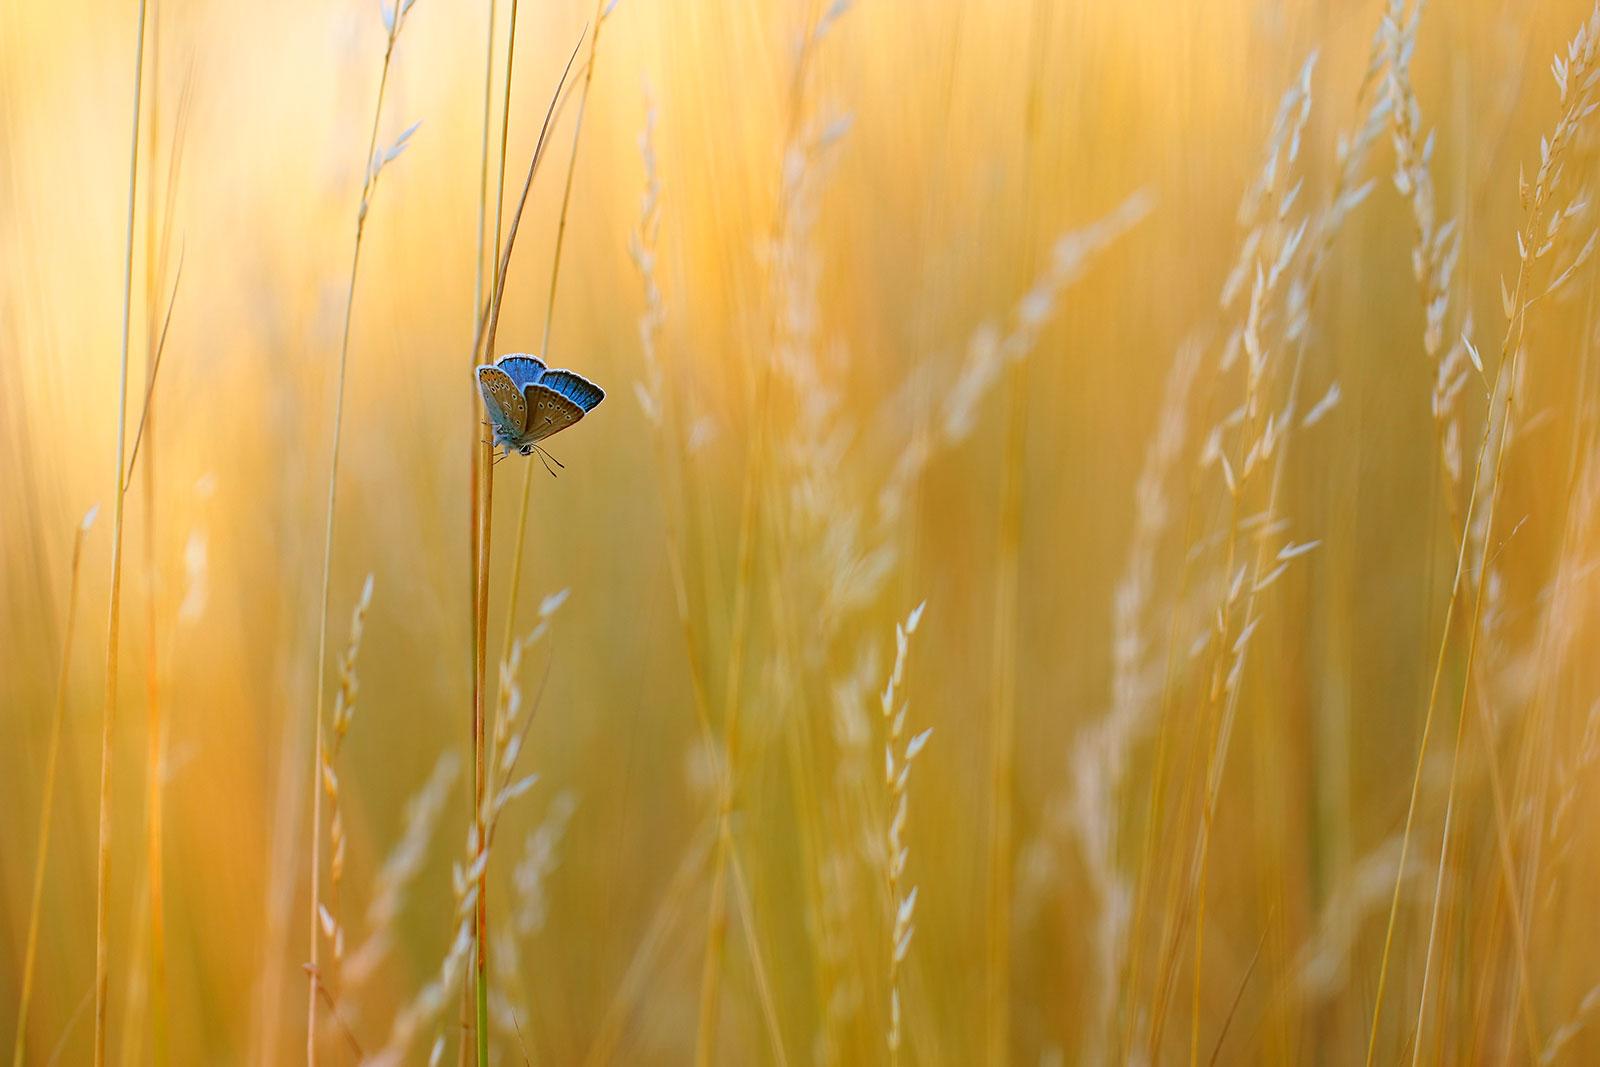 Марек Мьезеевский / Marek Mierzejewski, Победитель в категории «Живая природа сада», Фотоконкурс RHS Photographic Competition